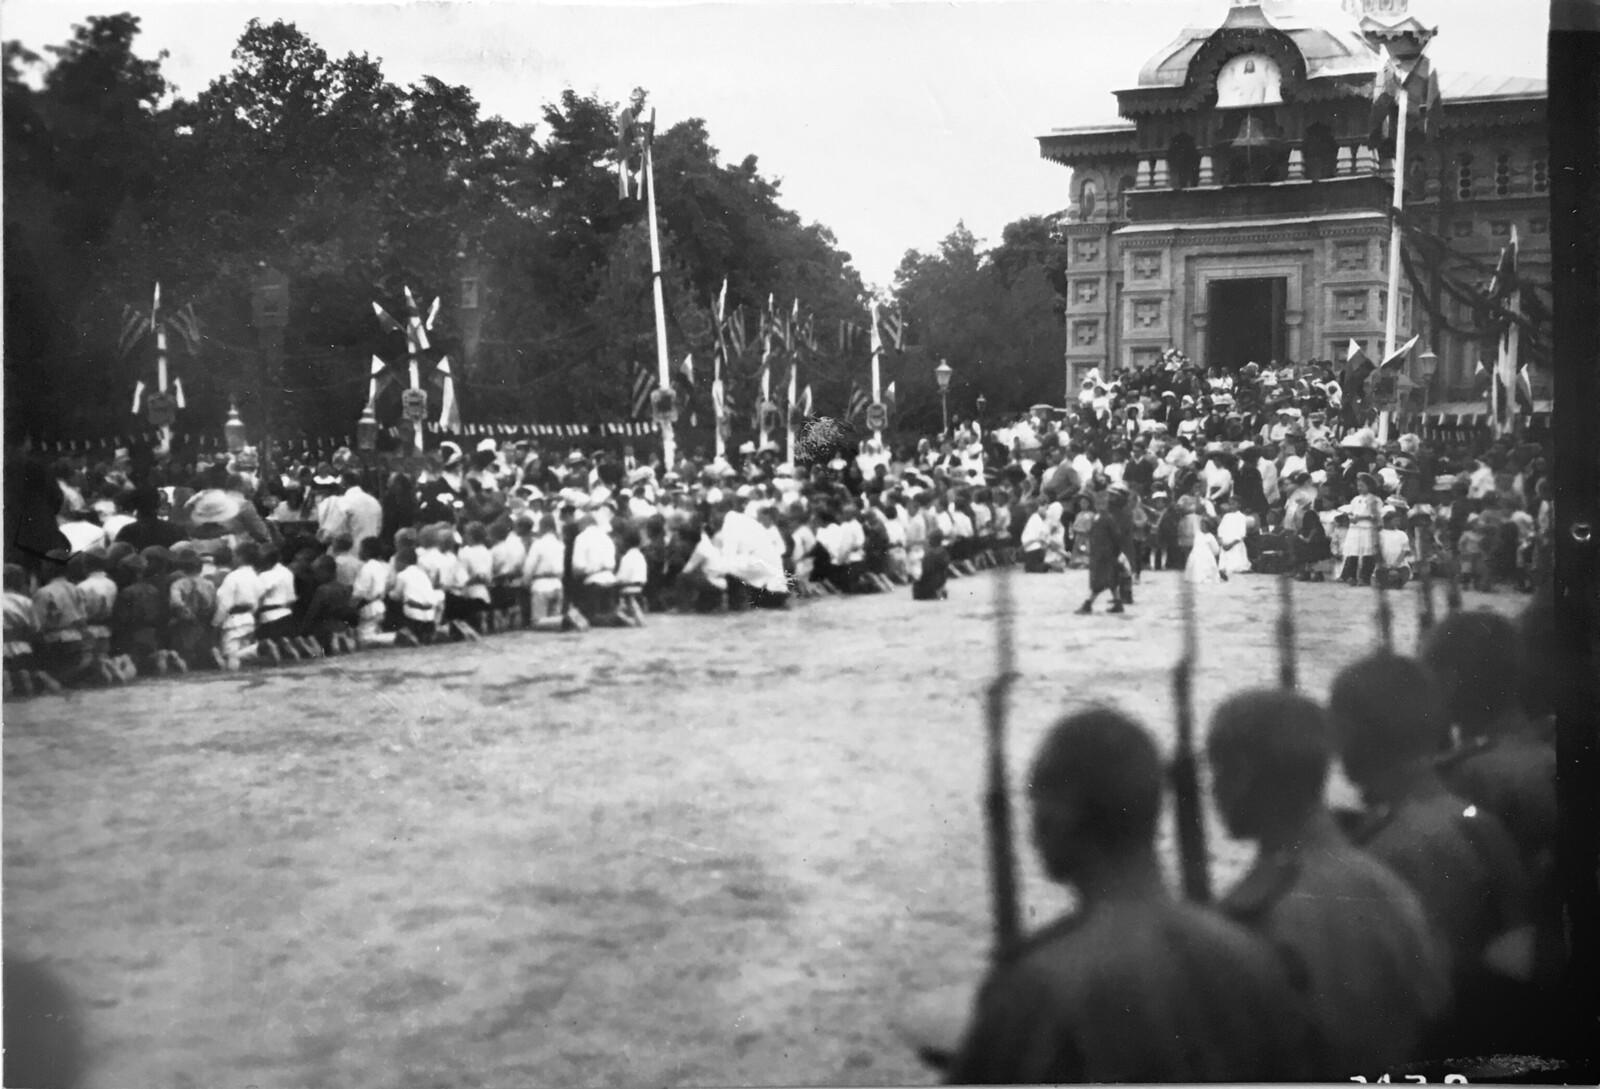 Торжественное празднование 100-летия победы в Отечественной войне 1812 года